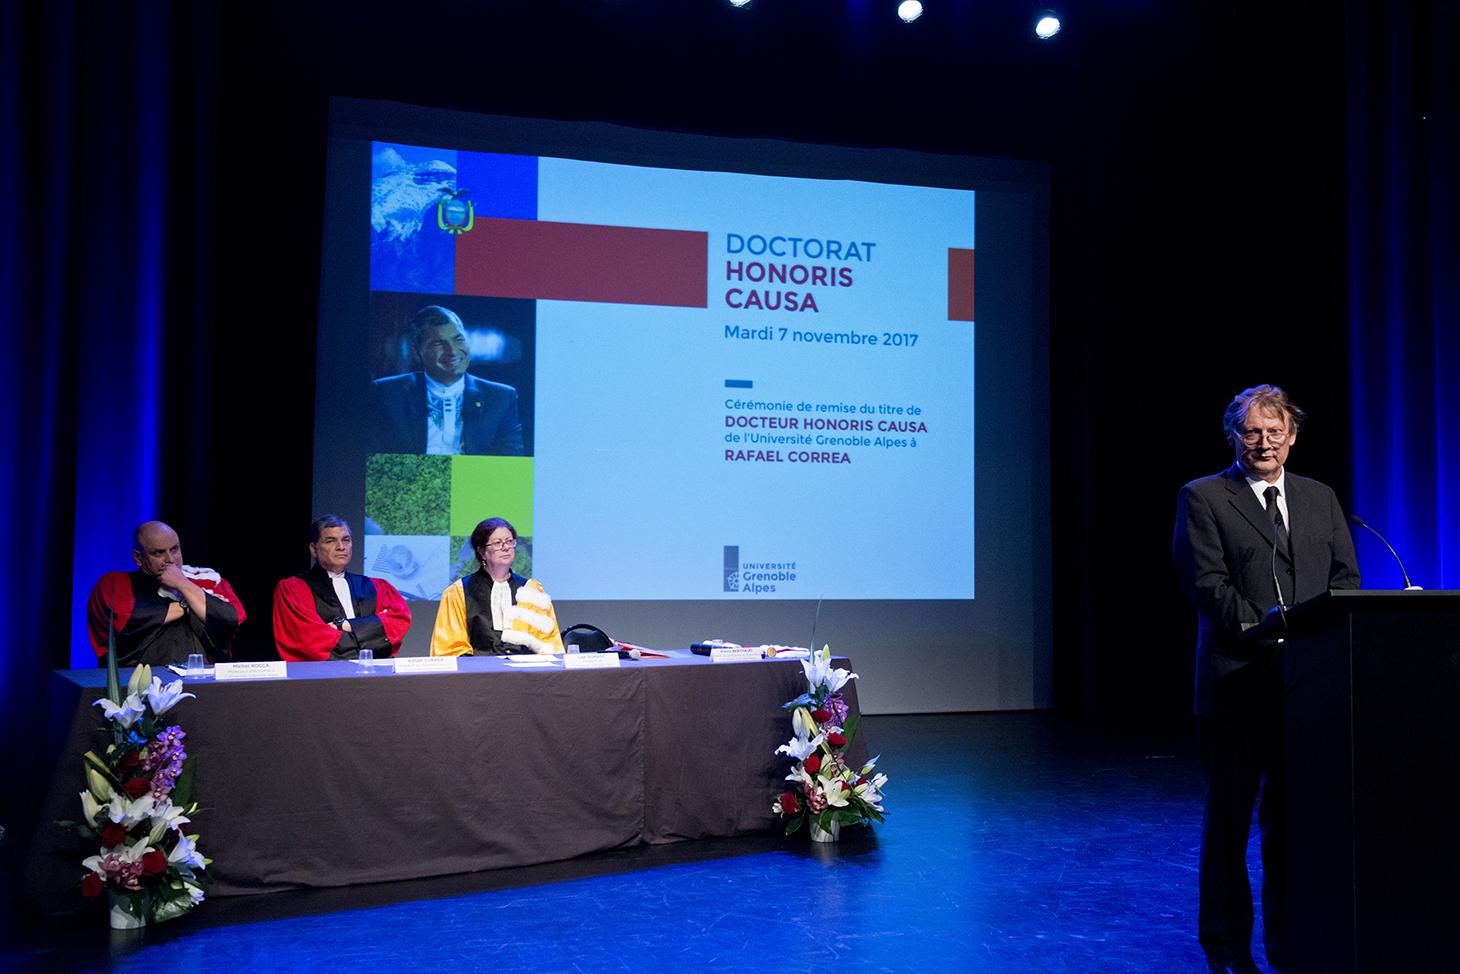 Ouverture de la cérémonie par Pierre Berthaud, maître de conférences en économie à l'UGA